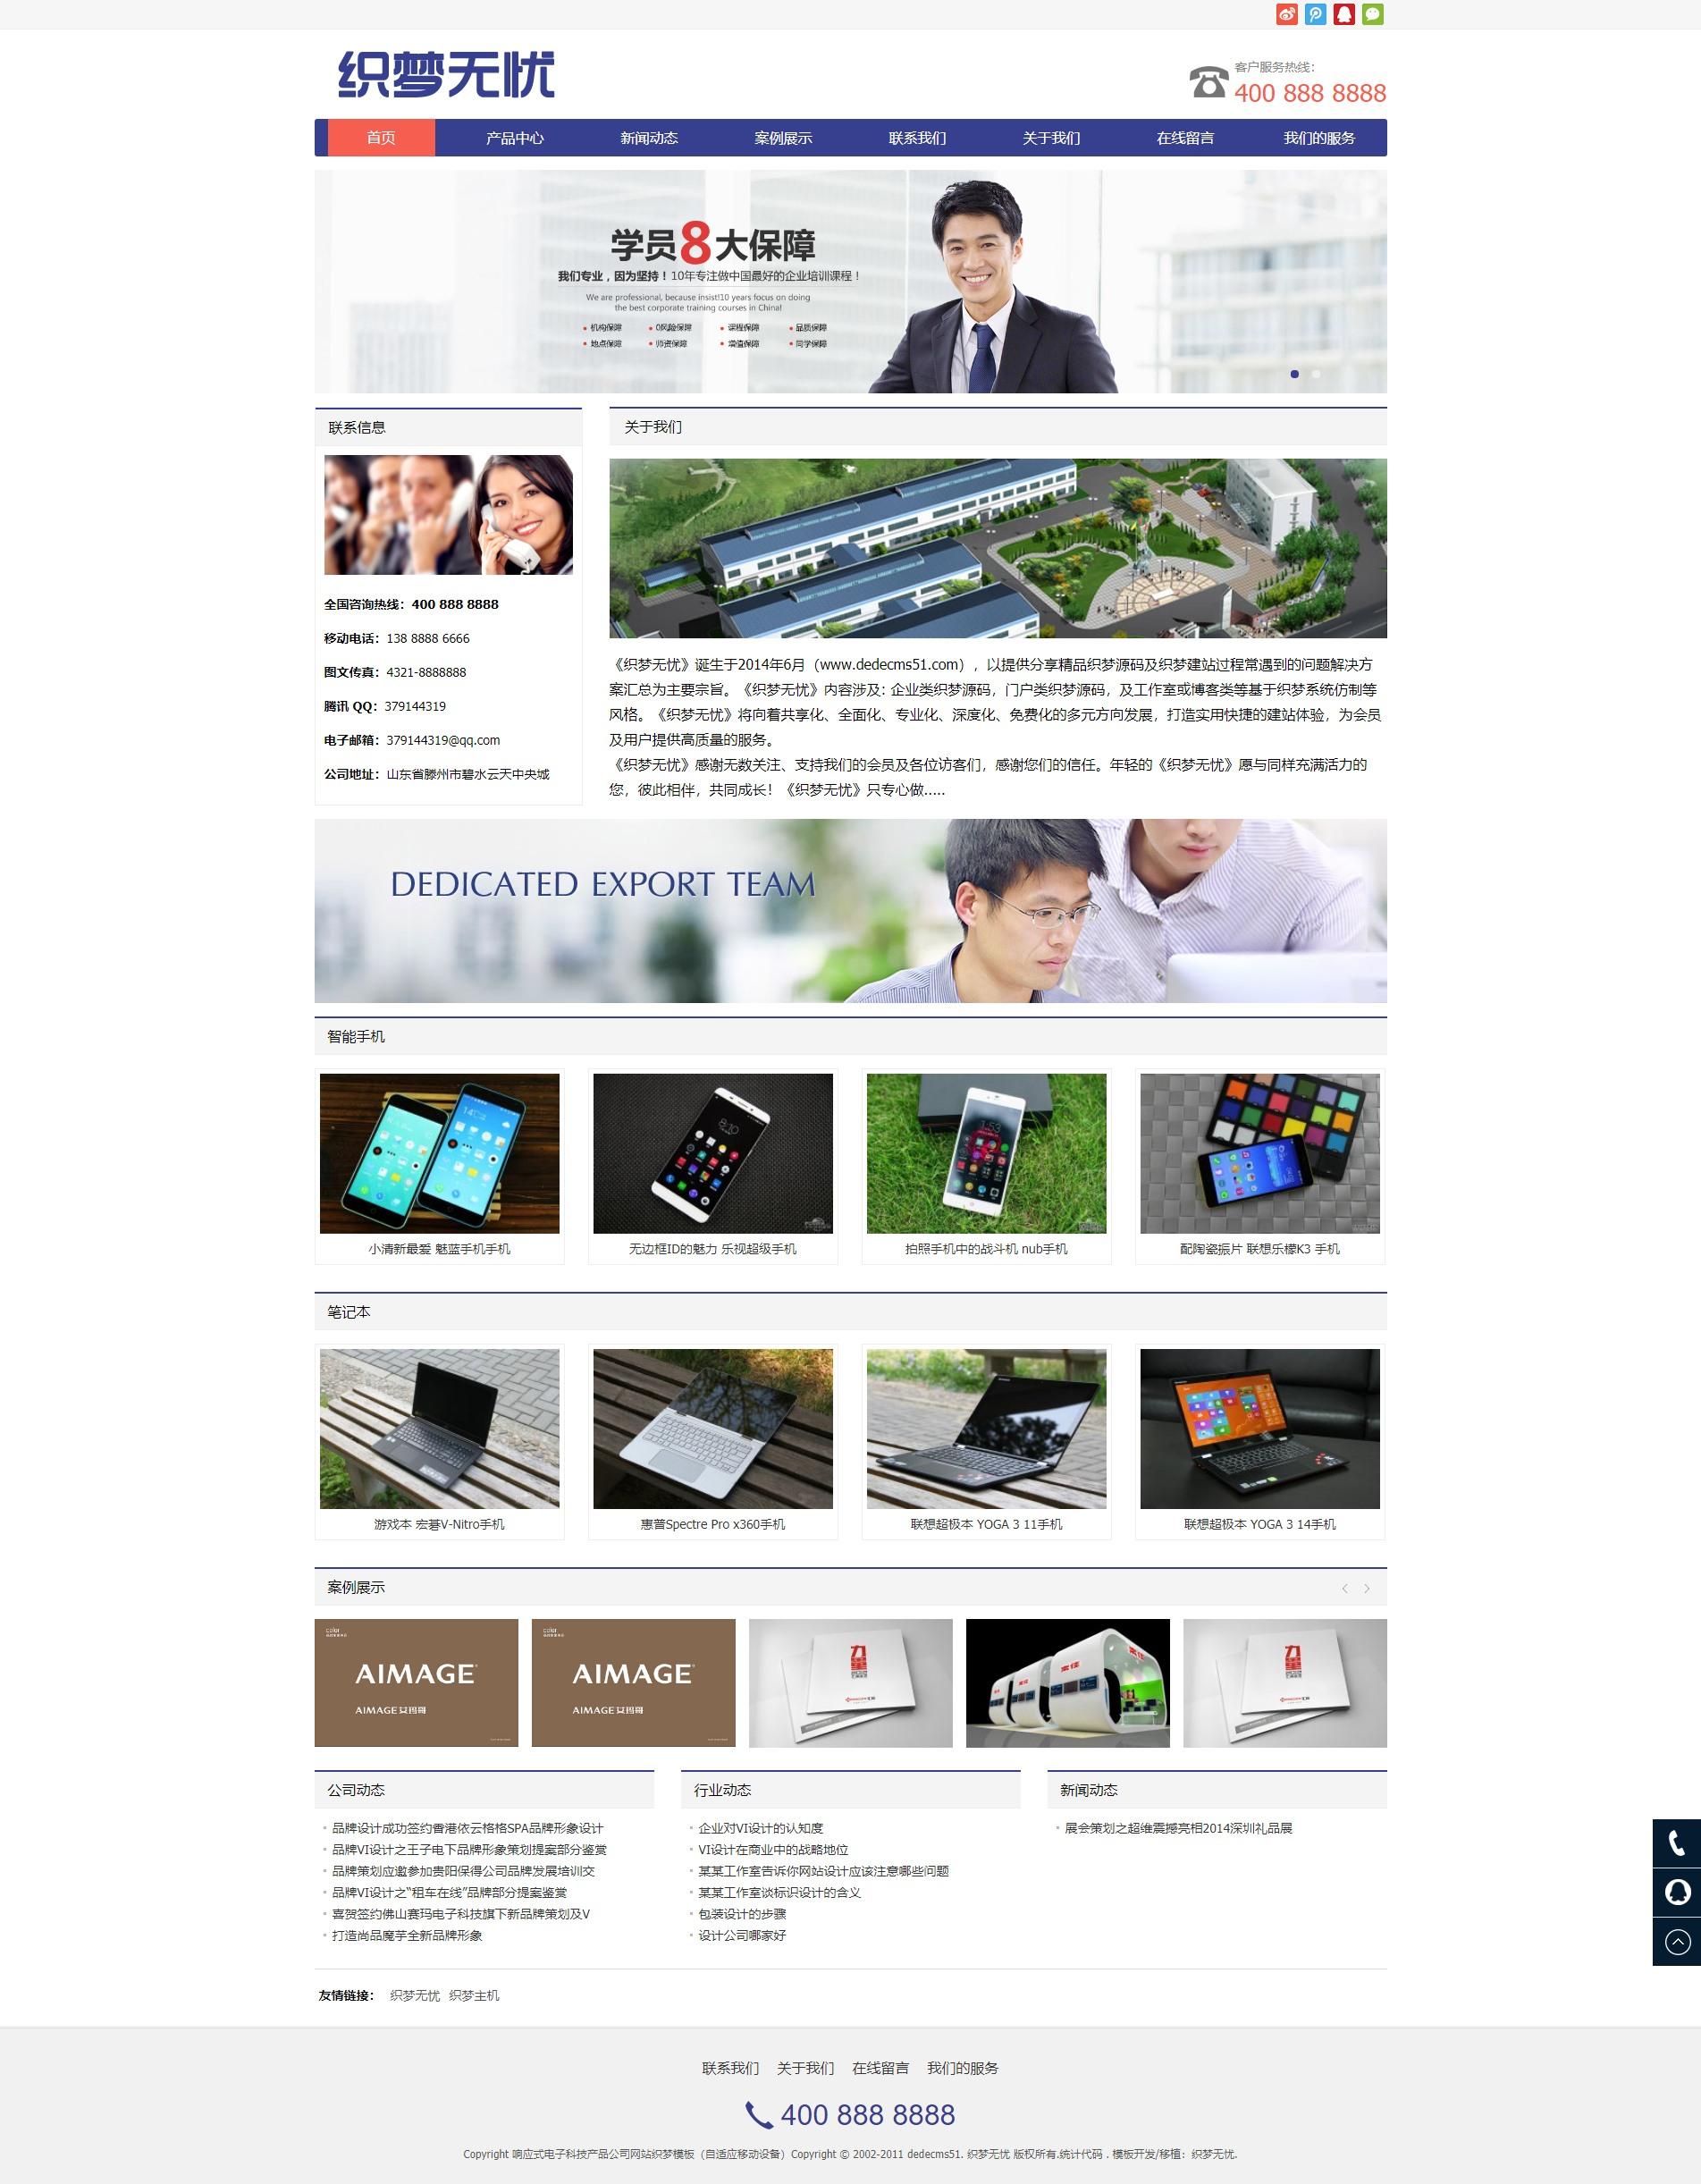 自动化科技商品企业官网响应式织梦网站DEDECMS模板免费下载(响应式移动终端)插图